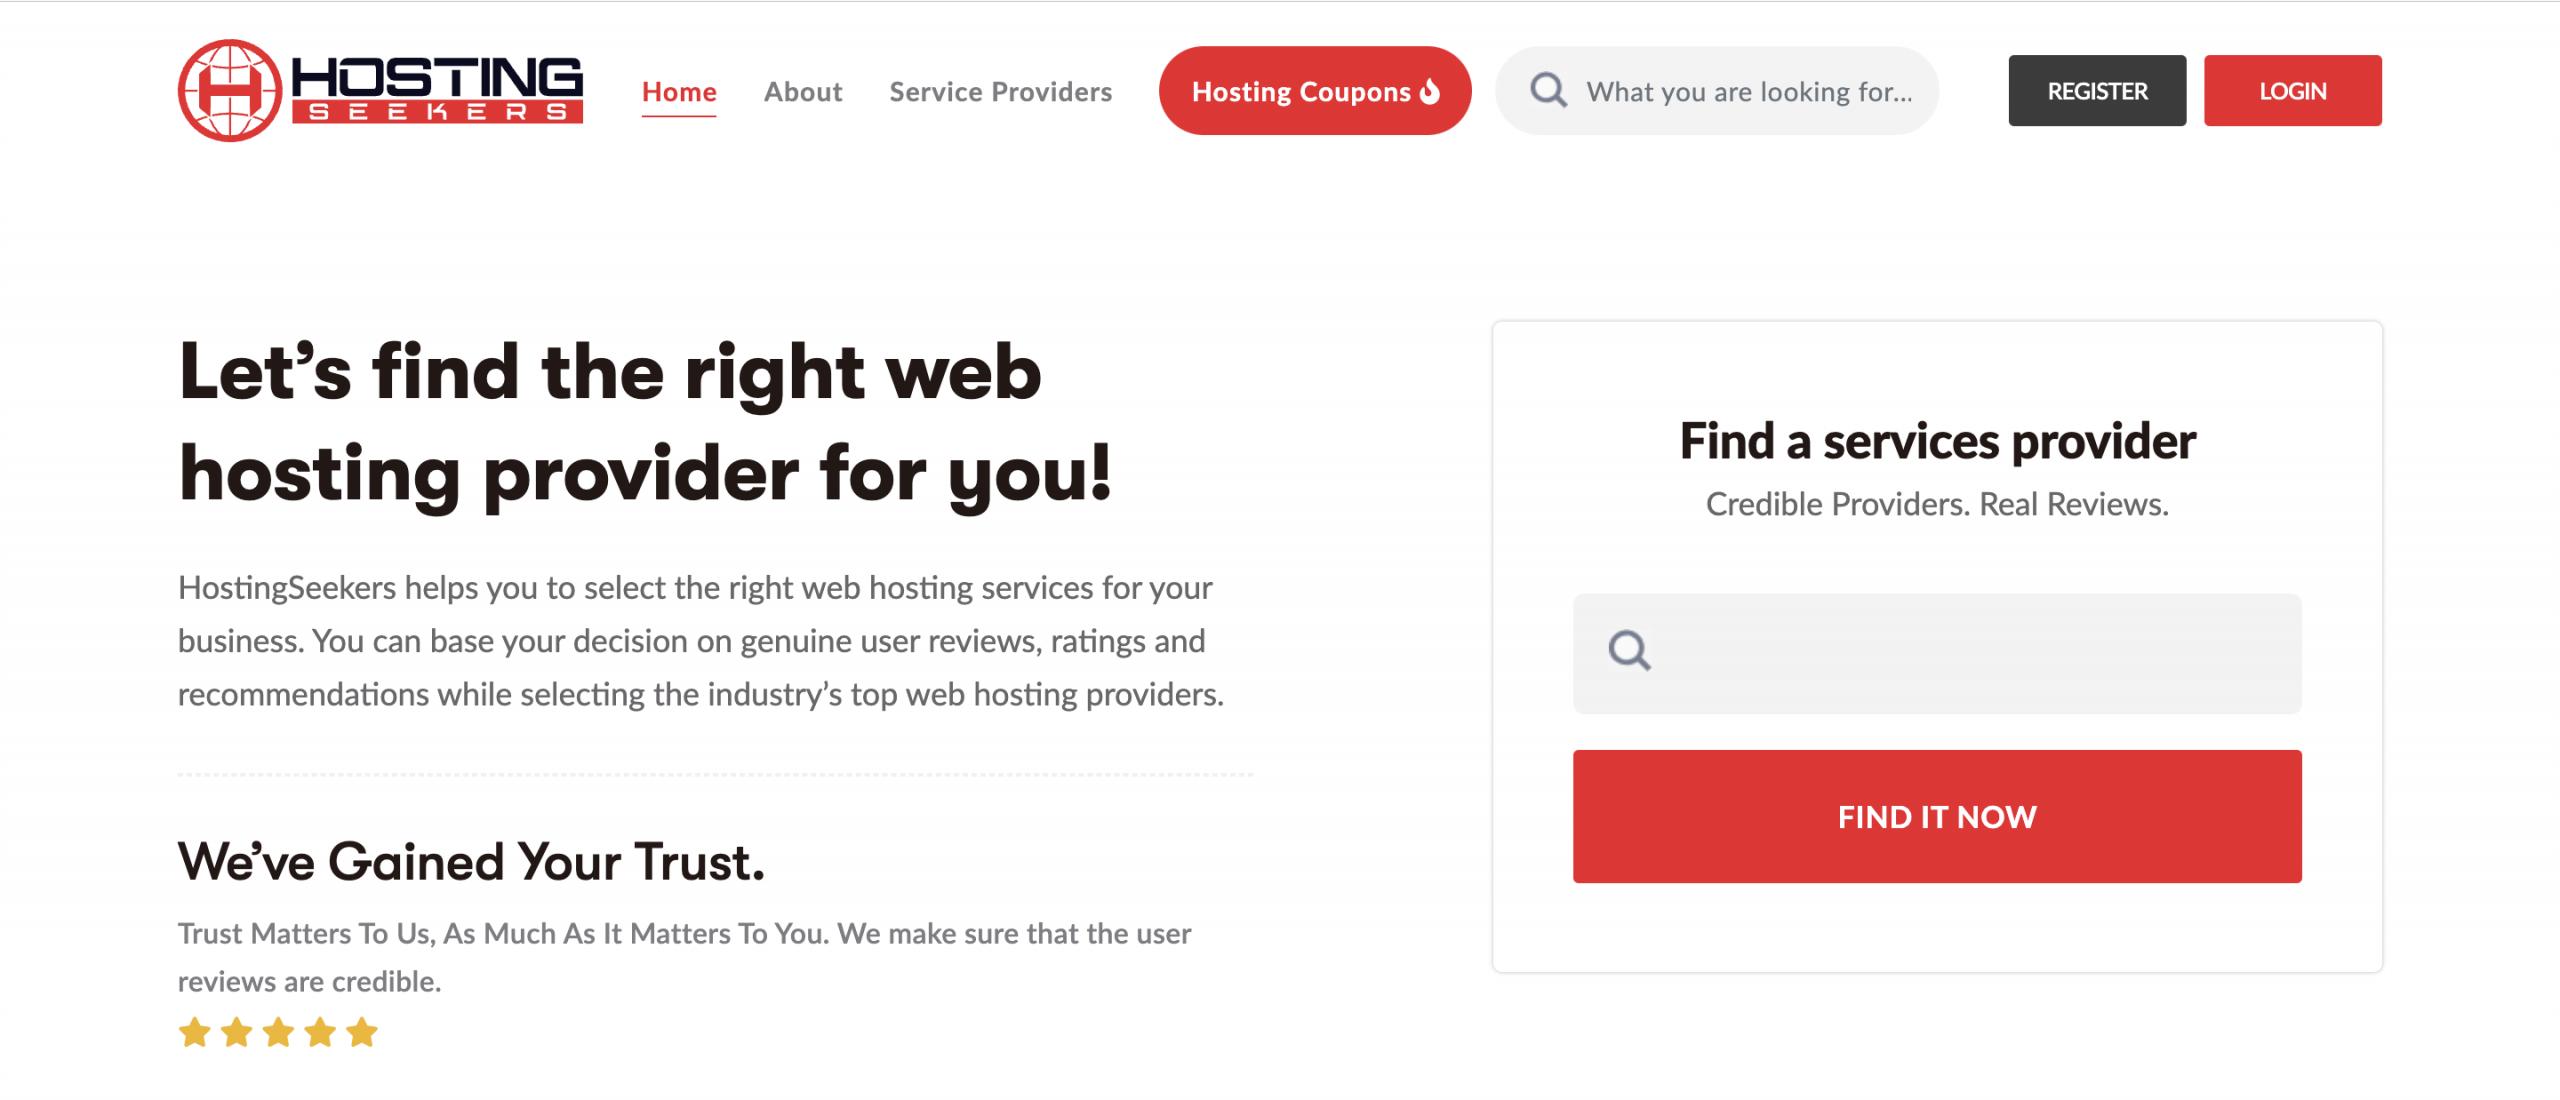 HostingSeekers - Top 10 Web Hosting Review Sites - HostNamaste